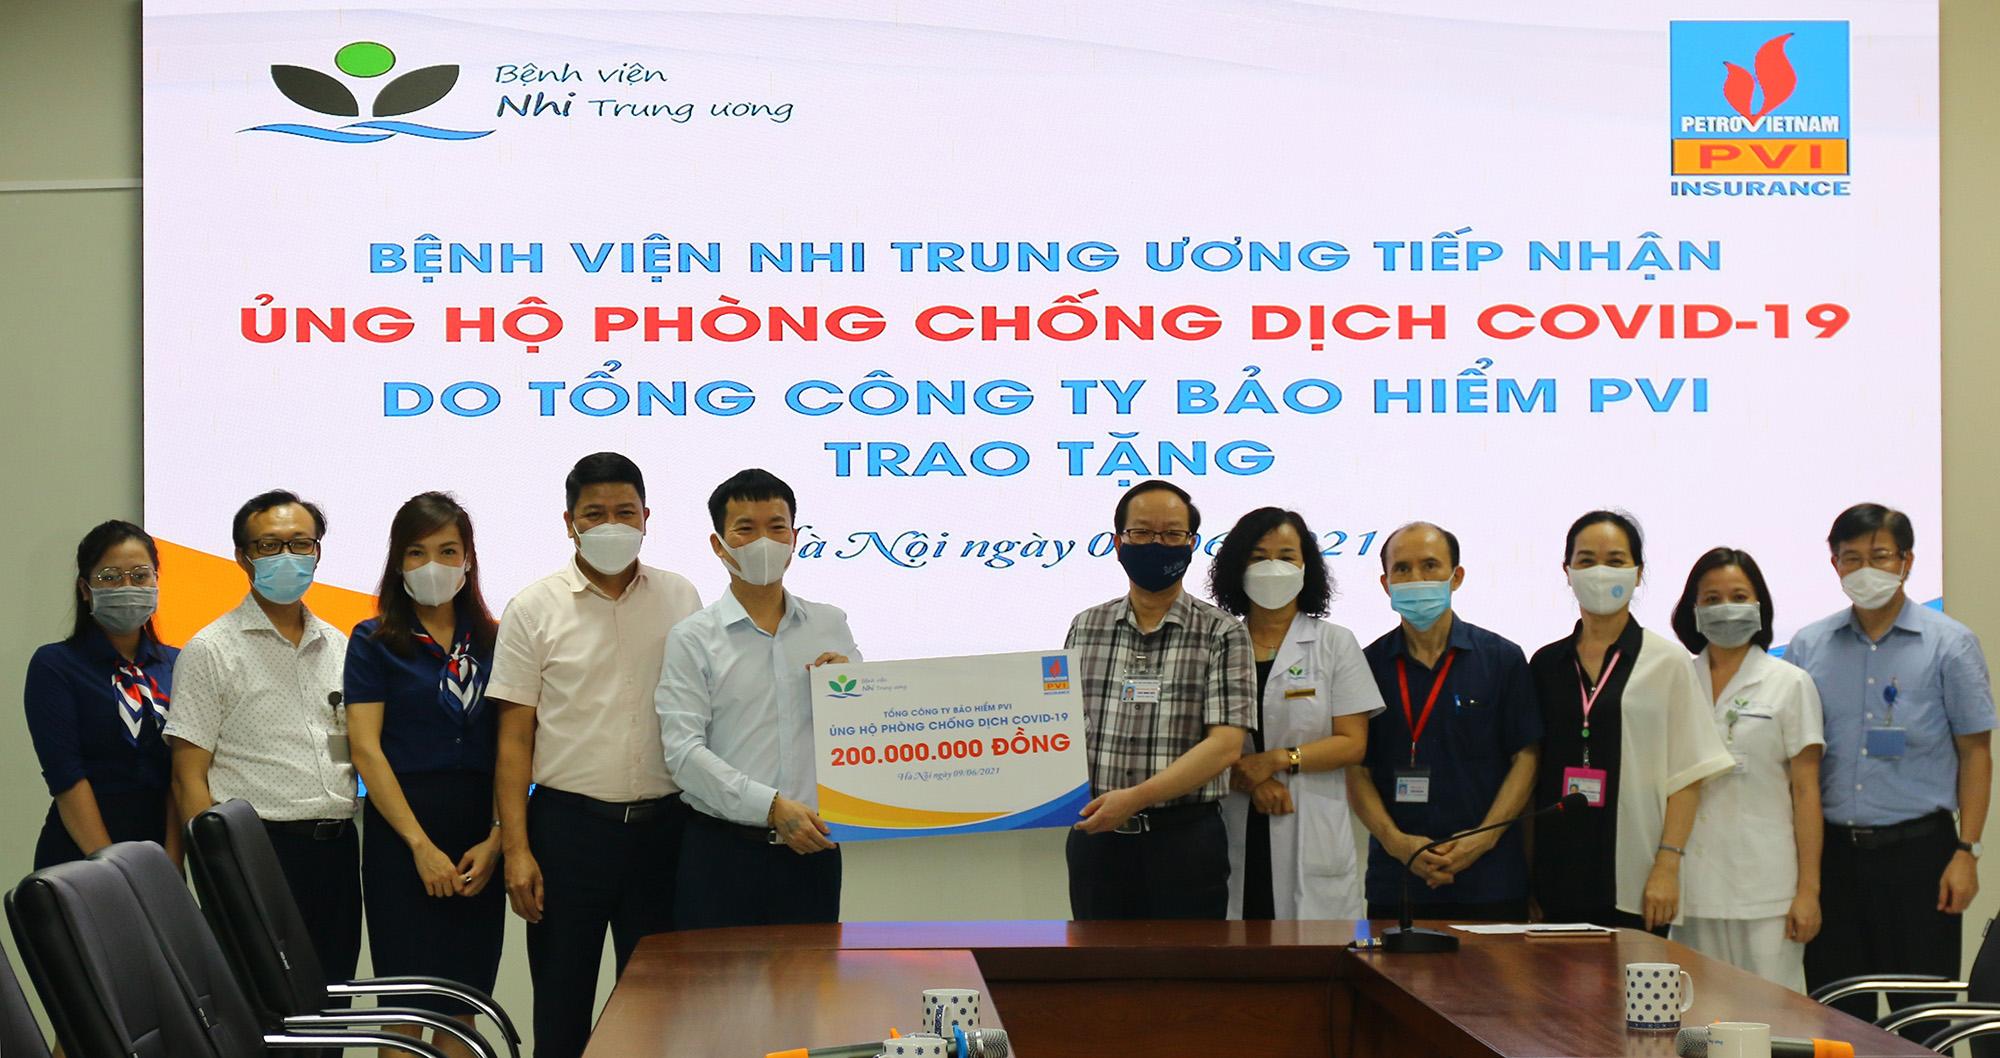 Đại diện Bệnh viện Nhi Trung ương tiếp nhận ủng hộ từ Bảo hiểm PVI. Ảnh: Bảo hiểm PVI